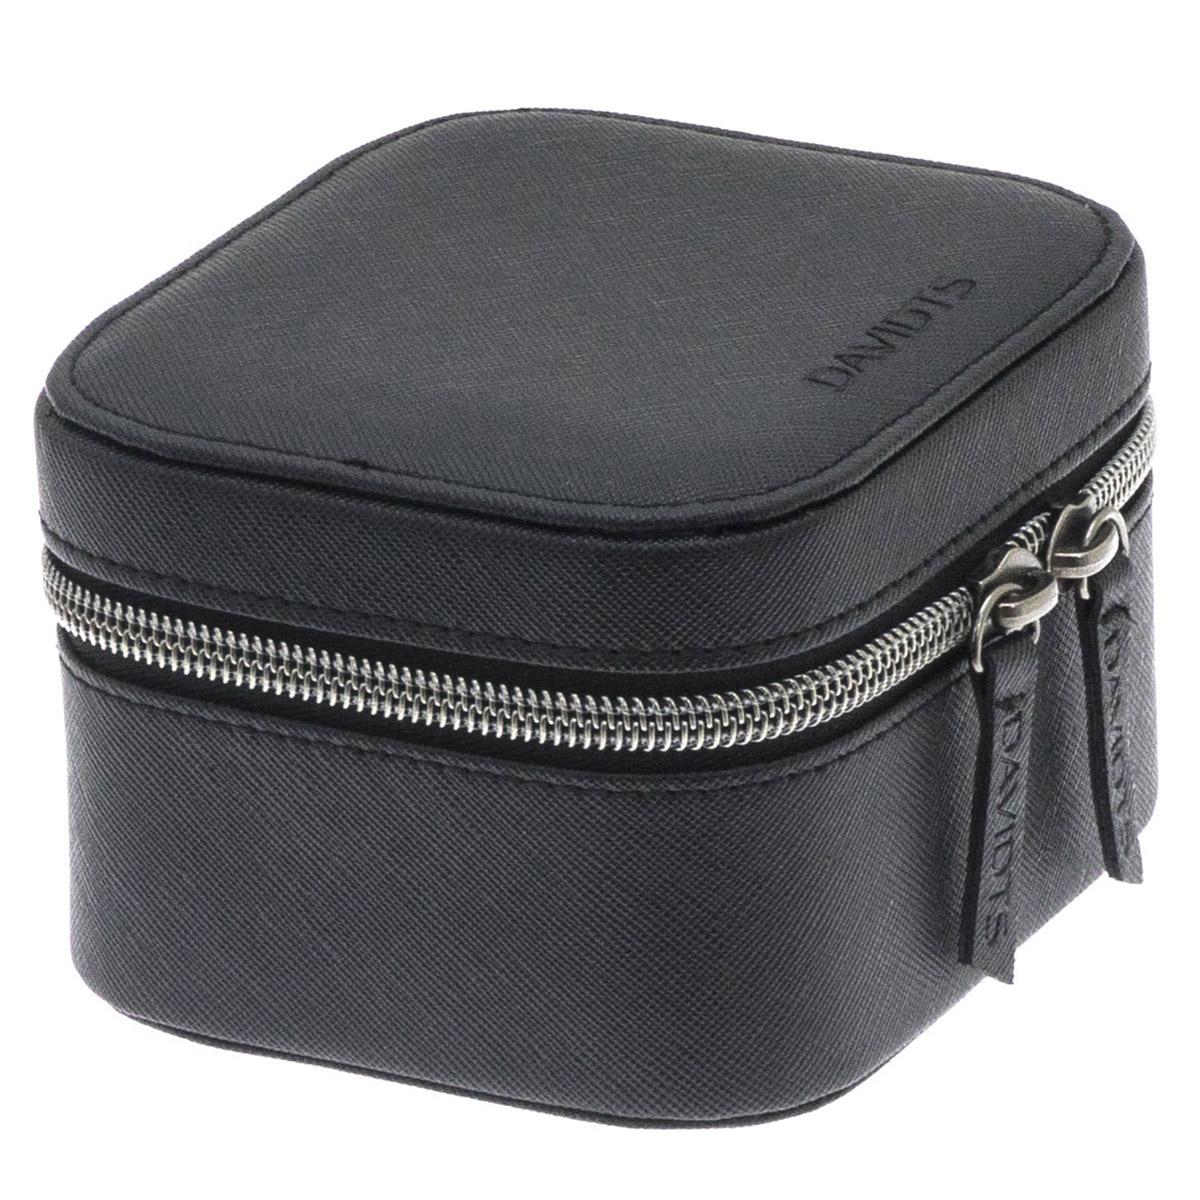 Coffret à montres zippé \'Zip\'n go\' noir (2 montres) - 115x105x75 cm - [Q9137]